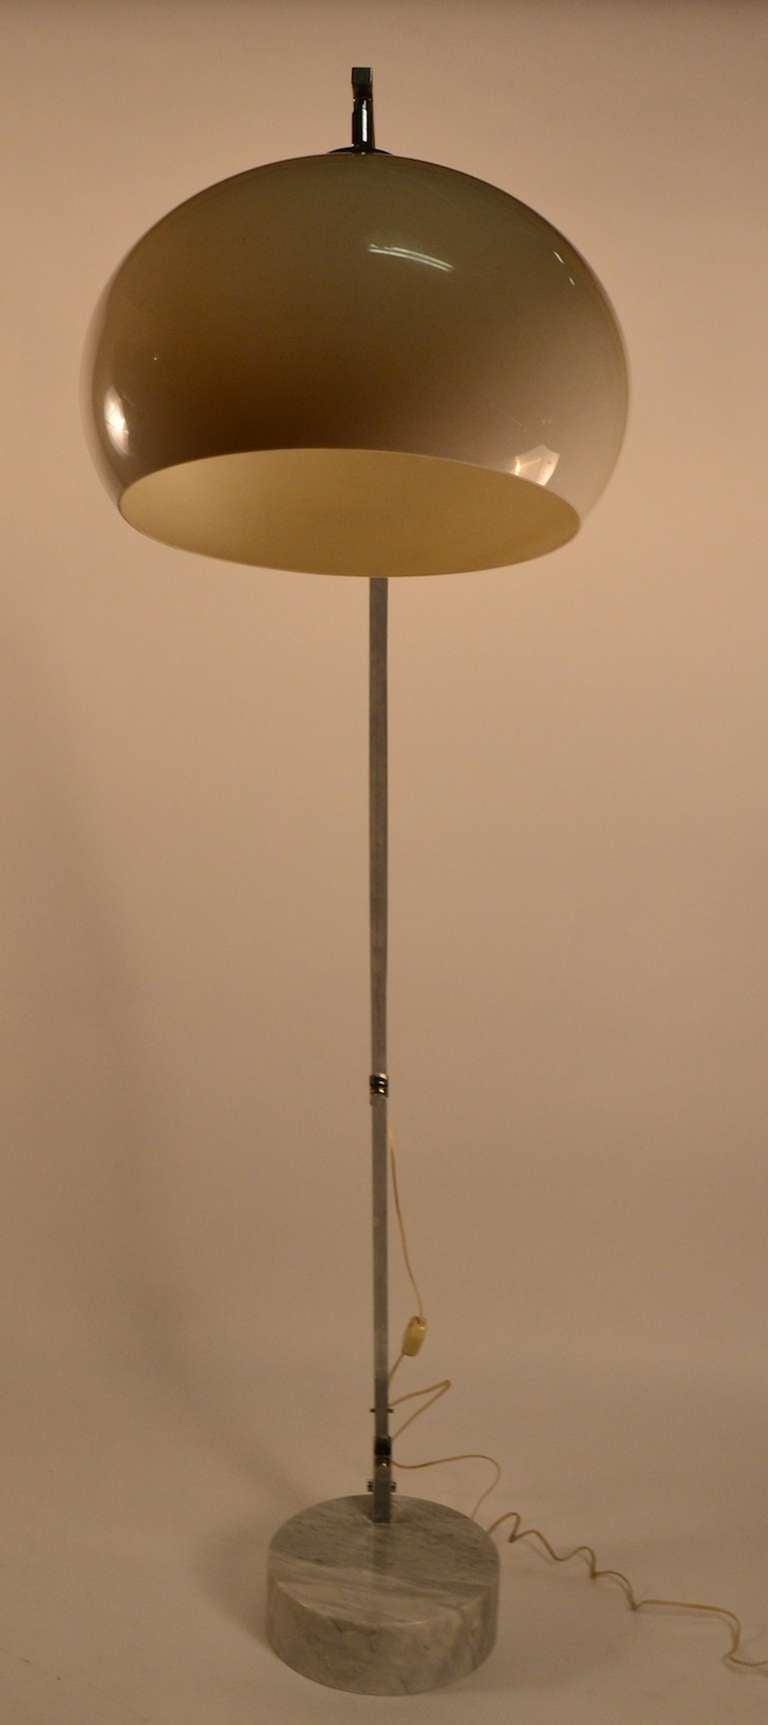 Italian Adjustable Arc Lamp At 1stdibs